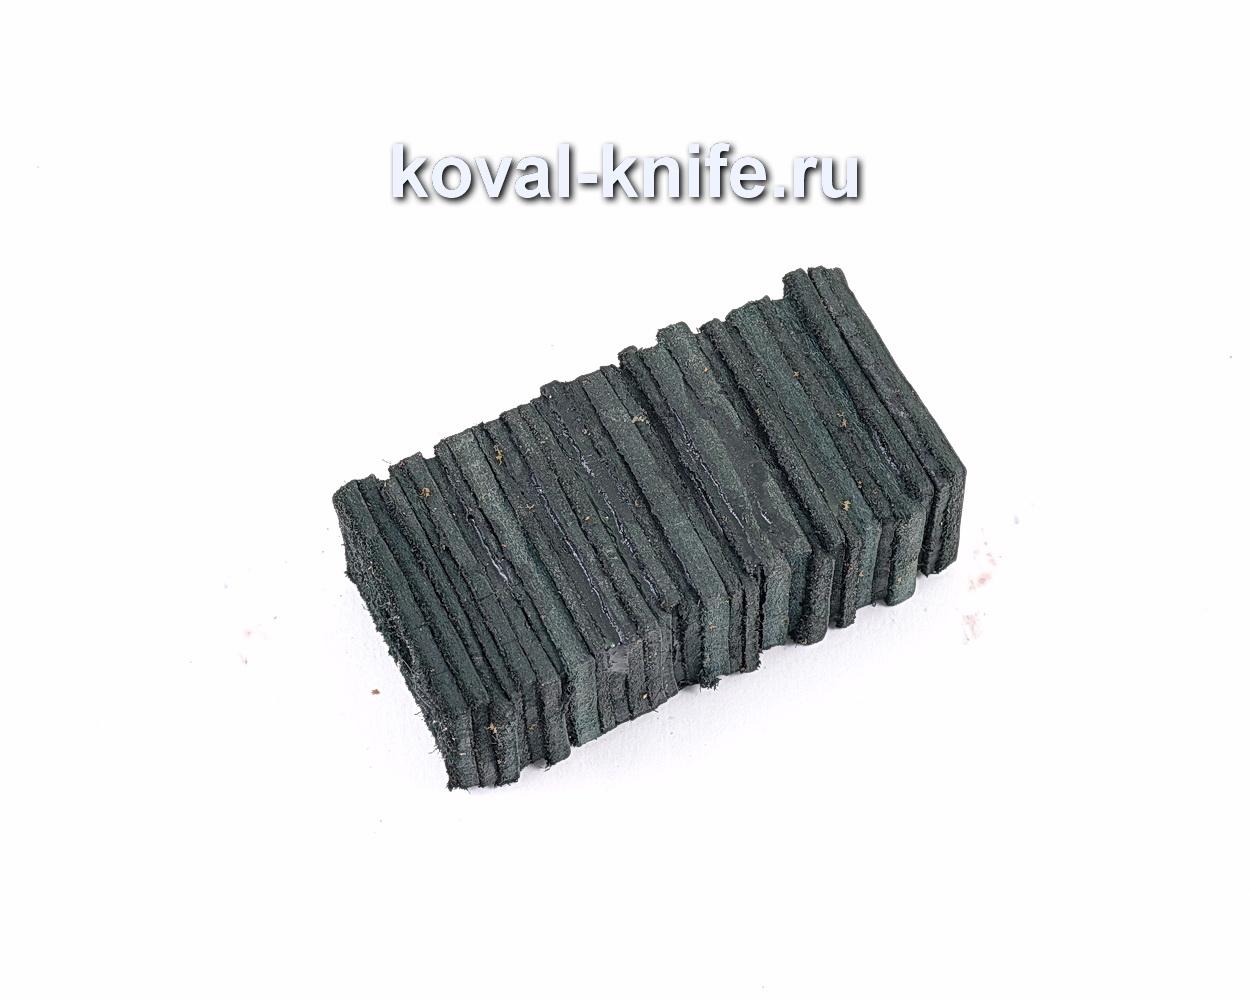 Брусок из наборной кожи для рукоятки ножа (черная кожа)